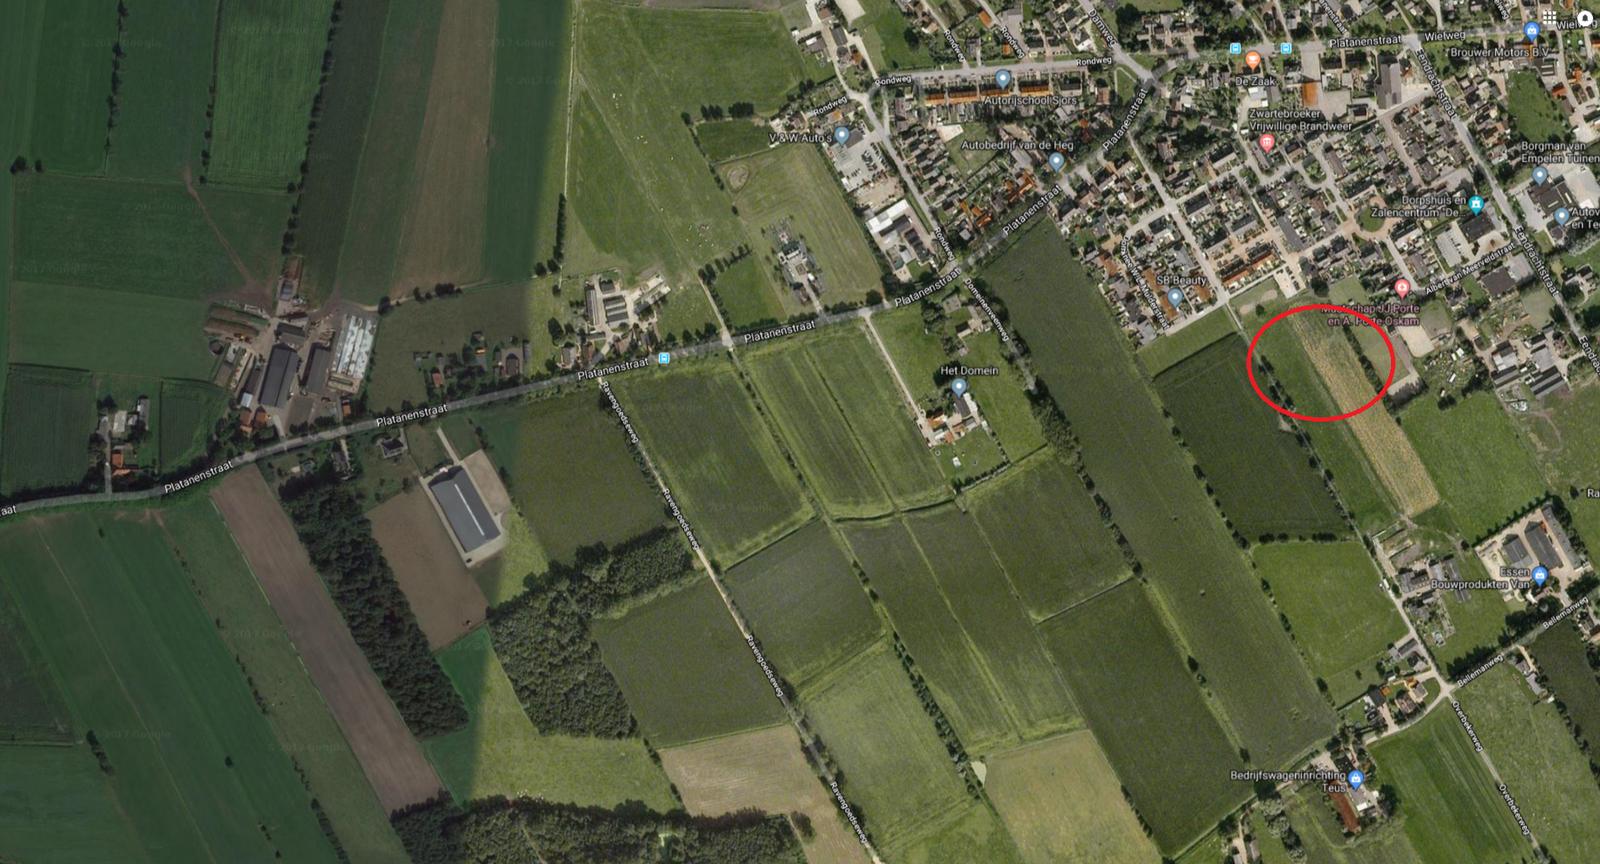 Eikendalsveenweg kavel 2 0-ong, Zwartebroek